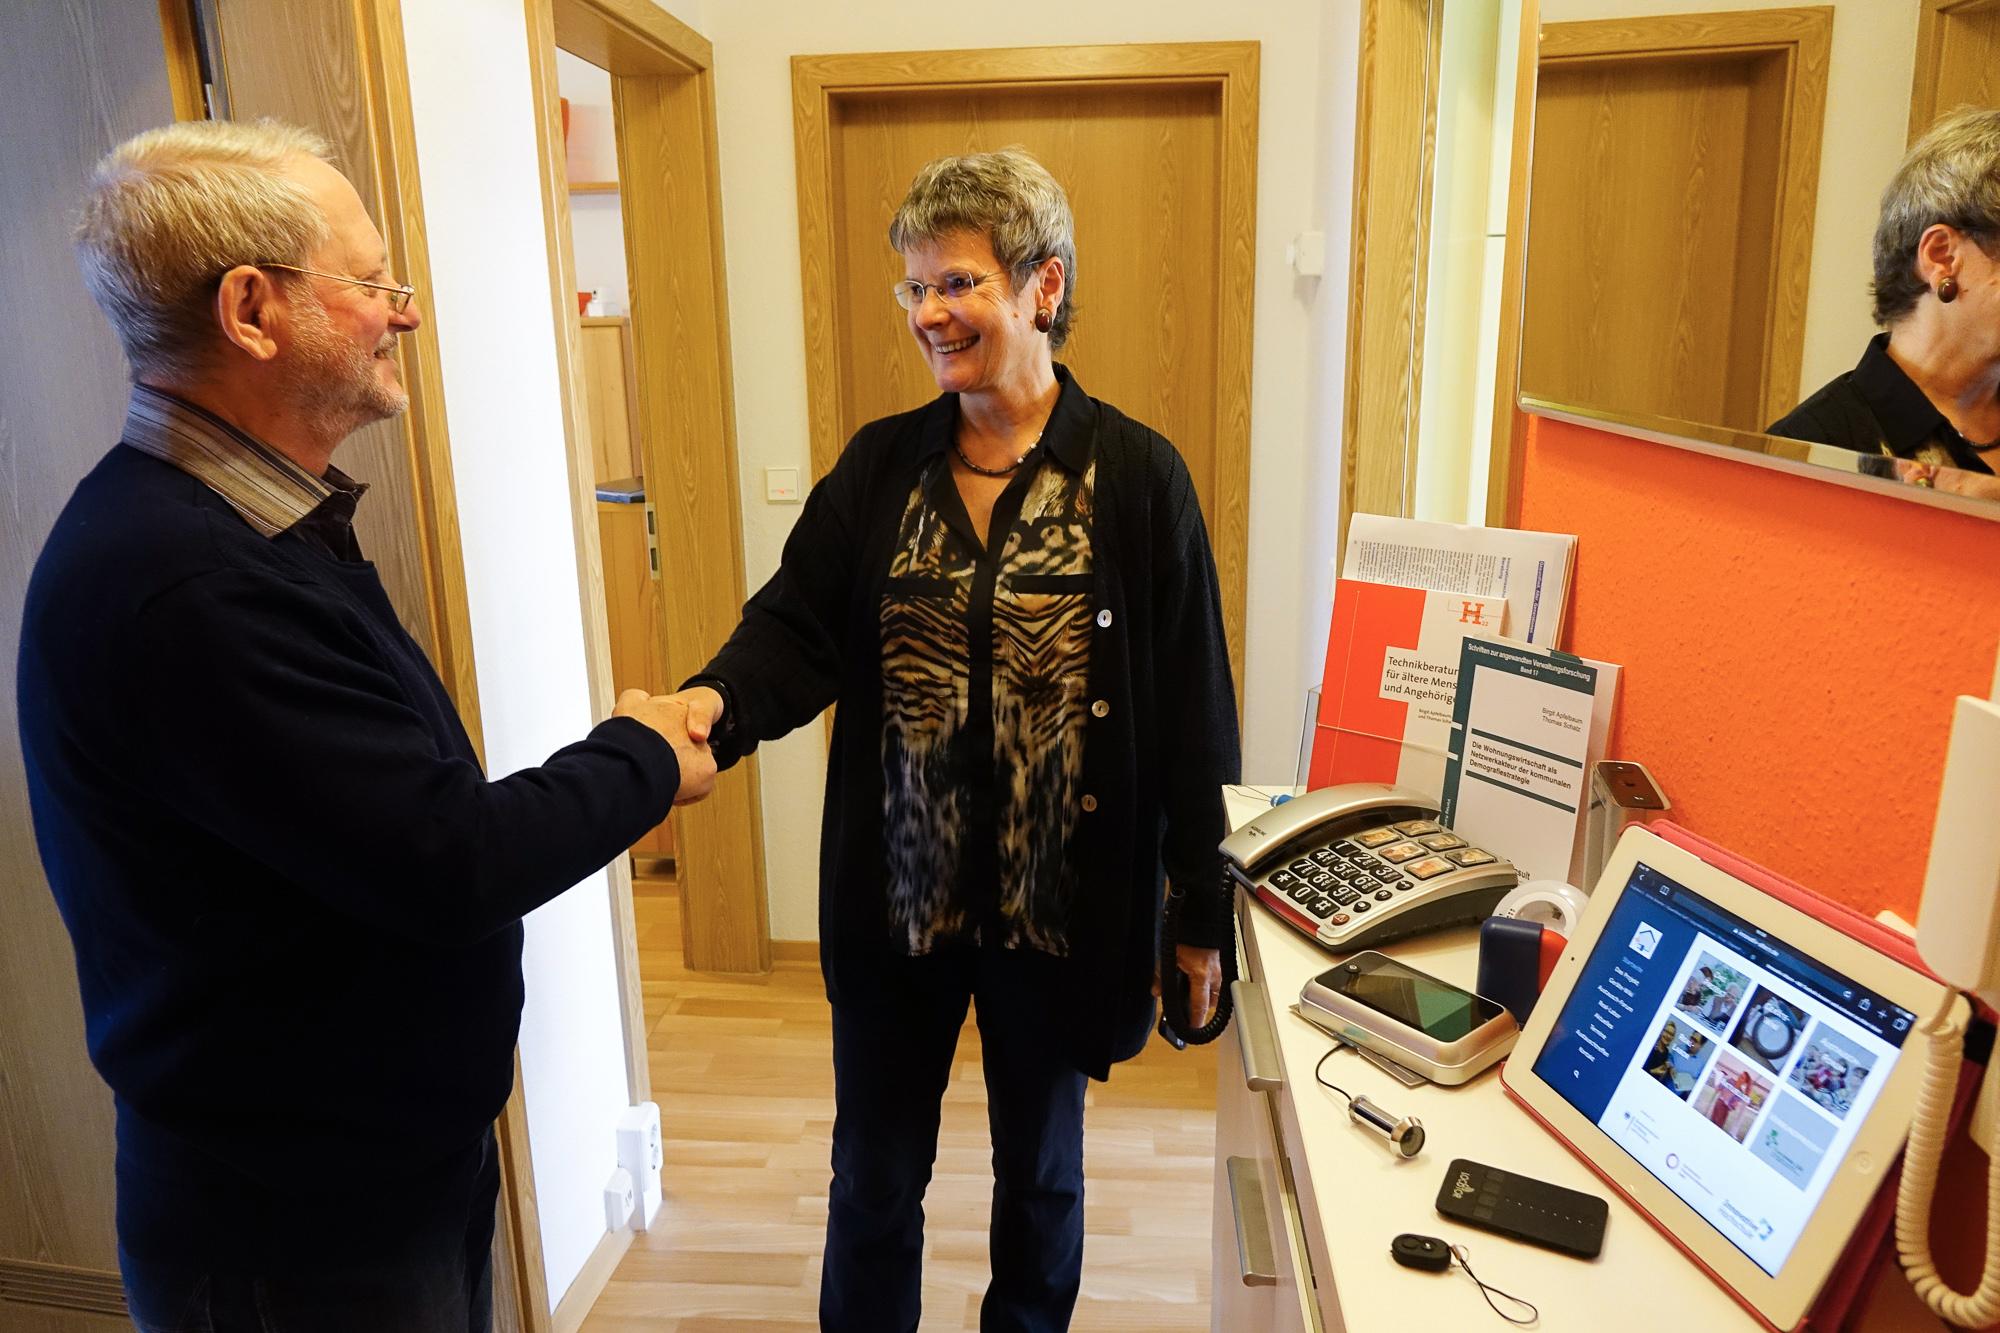 Birgit Apfelbaum, Projektleiterin von VTTNetz, begrüßt Rolf-Hartmut Dörge, den ersten ehrenamtlichen Senioren-Technik-Berater in Wernigerode.